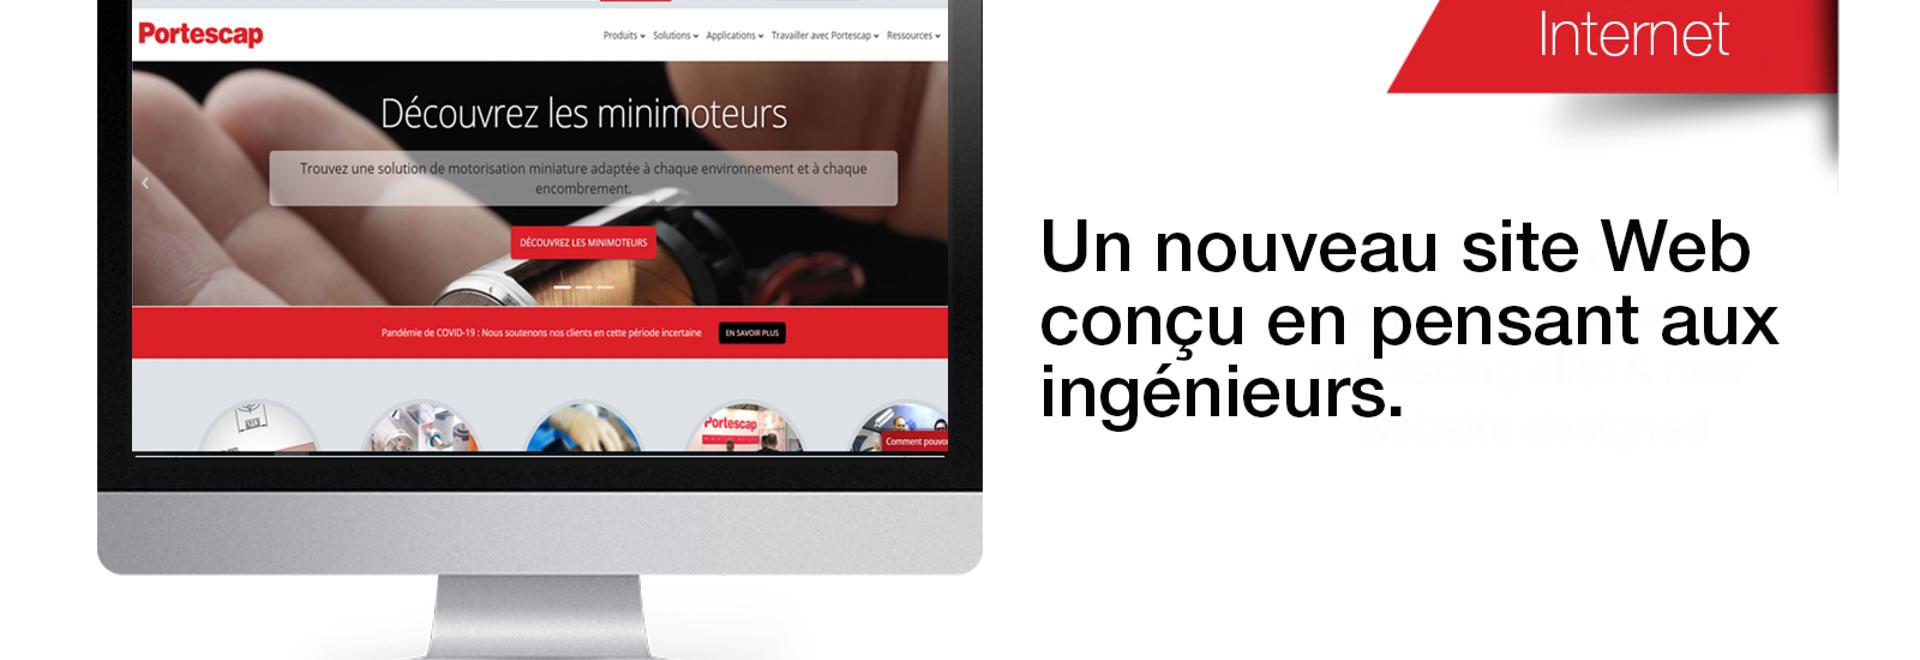 Portescap étend son soutien aux marchés francophones avec un nouveau site Internet